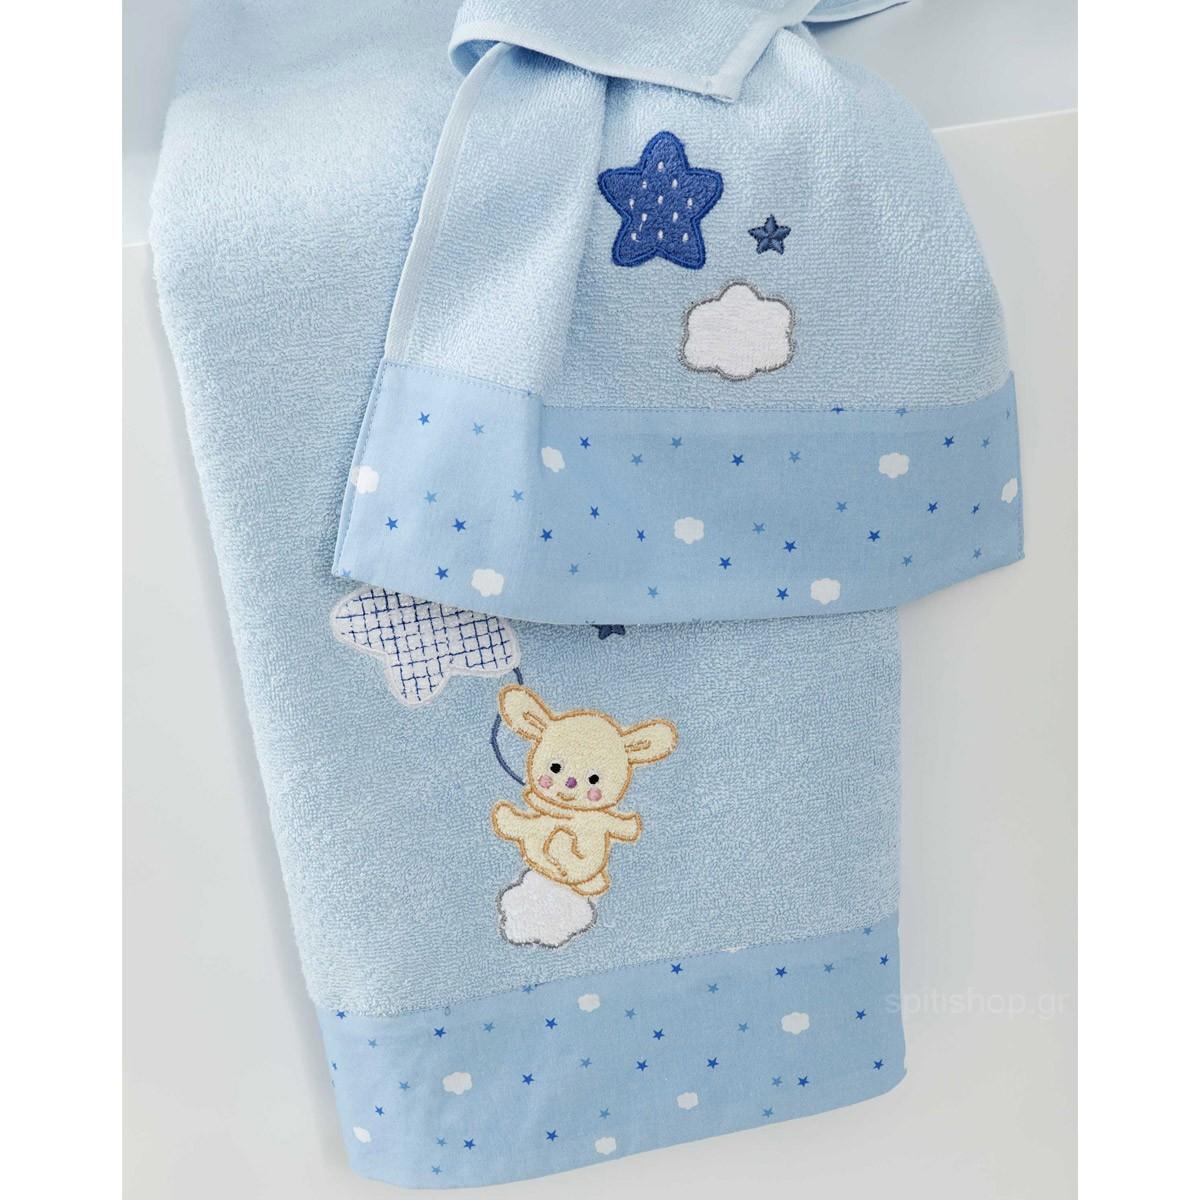 Βρεφικές Πετσέτες (Σετ 2τμχ) Nima Baby Star Blue